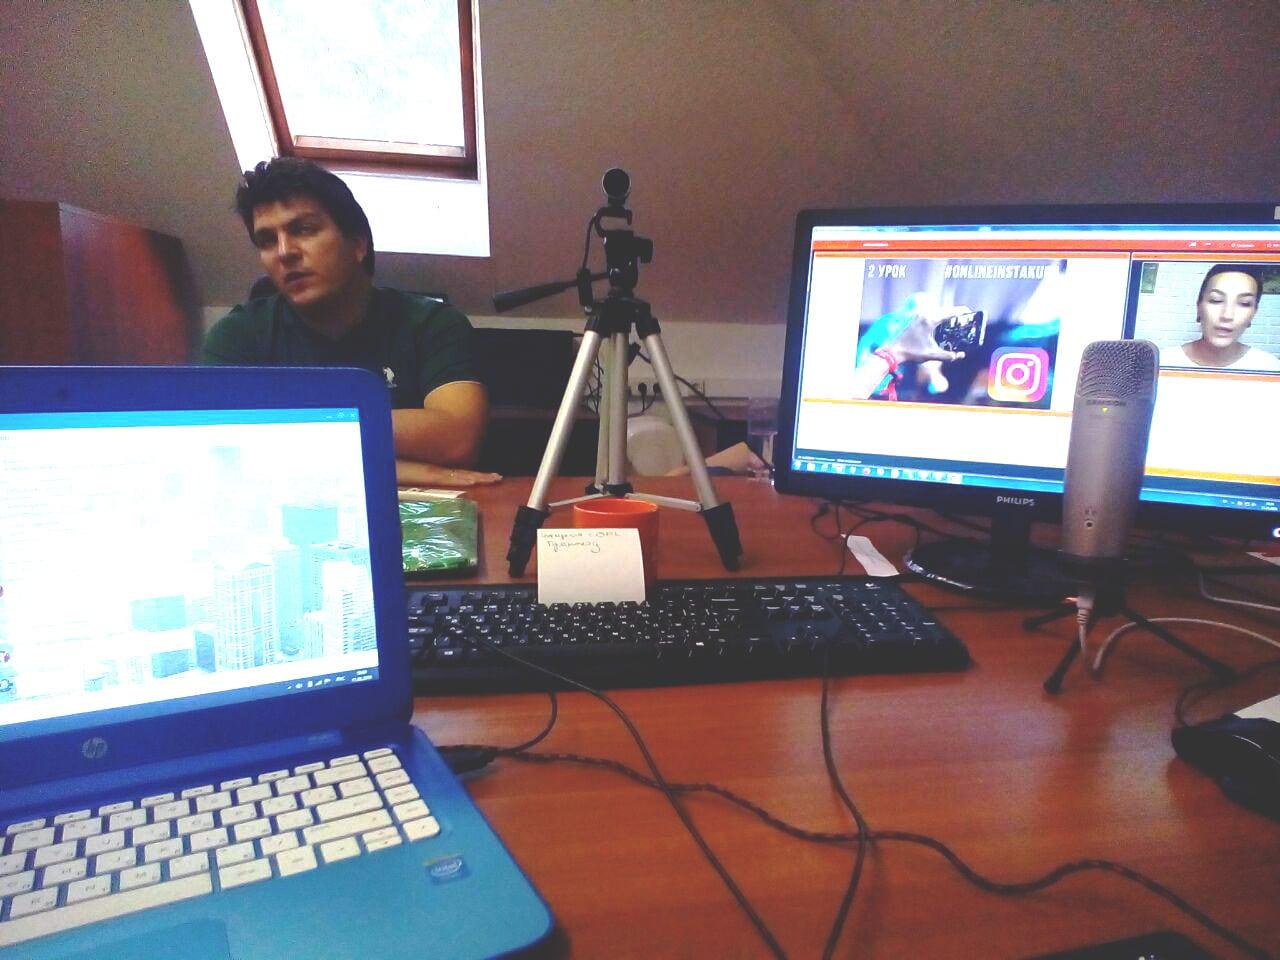 У окна — Василий Крылов, руководитель SMMplanner, а в центре — веб камера на штативе